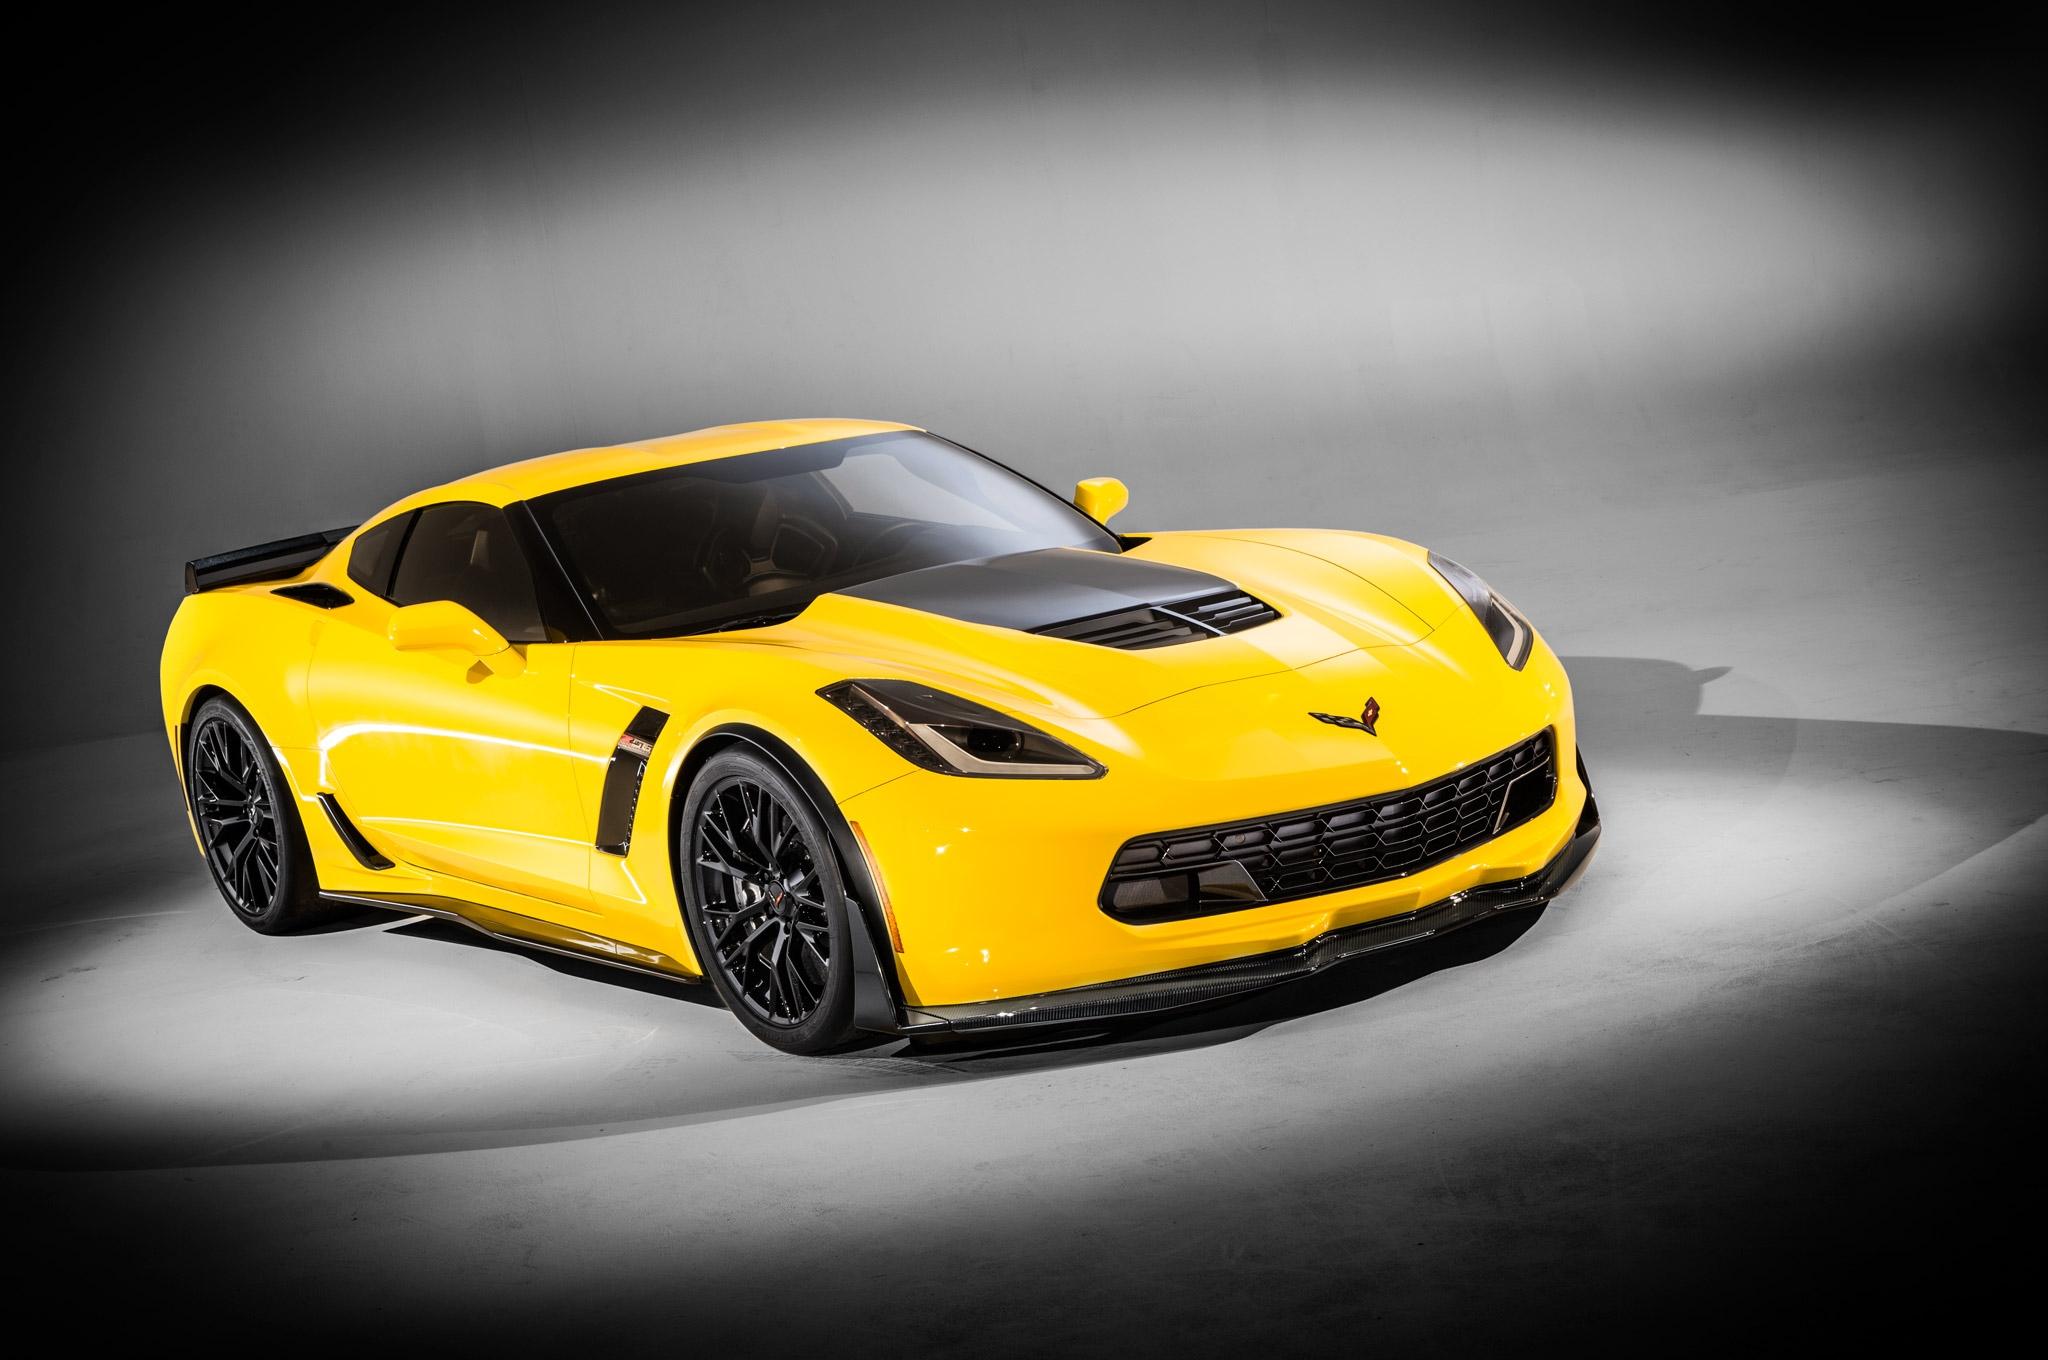 Chevrolet 2015 Corvette Wallpapers